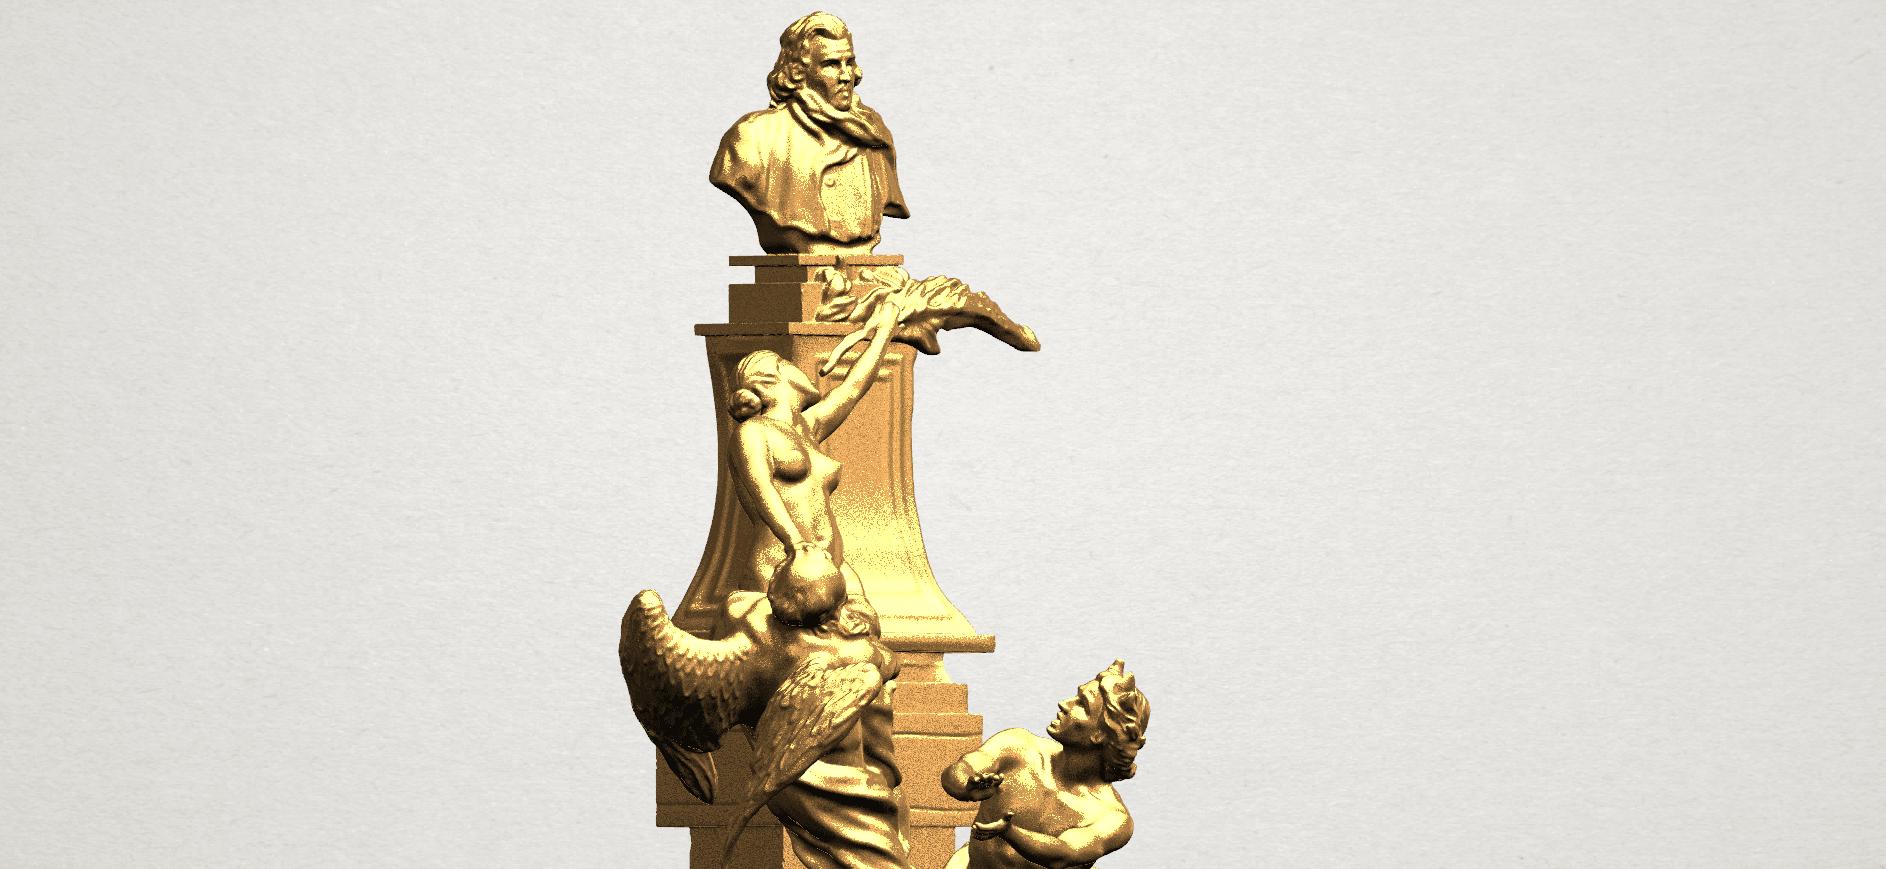 Statue 02 - A09.png Télécharger fichier STL gratuit Statue 02 • Plan pour impression 3D, GeorgesNikkei